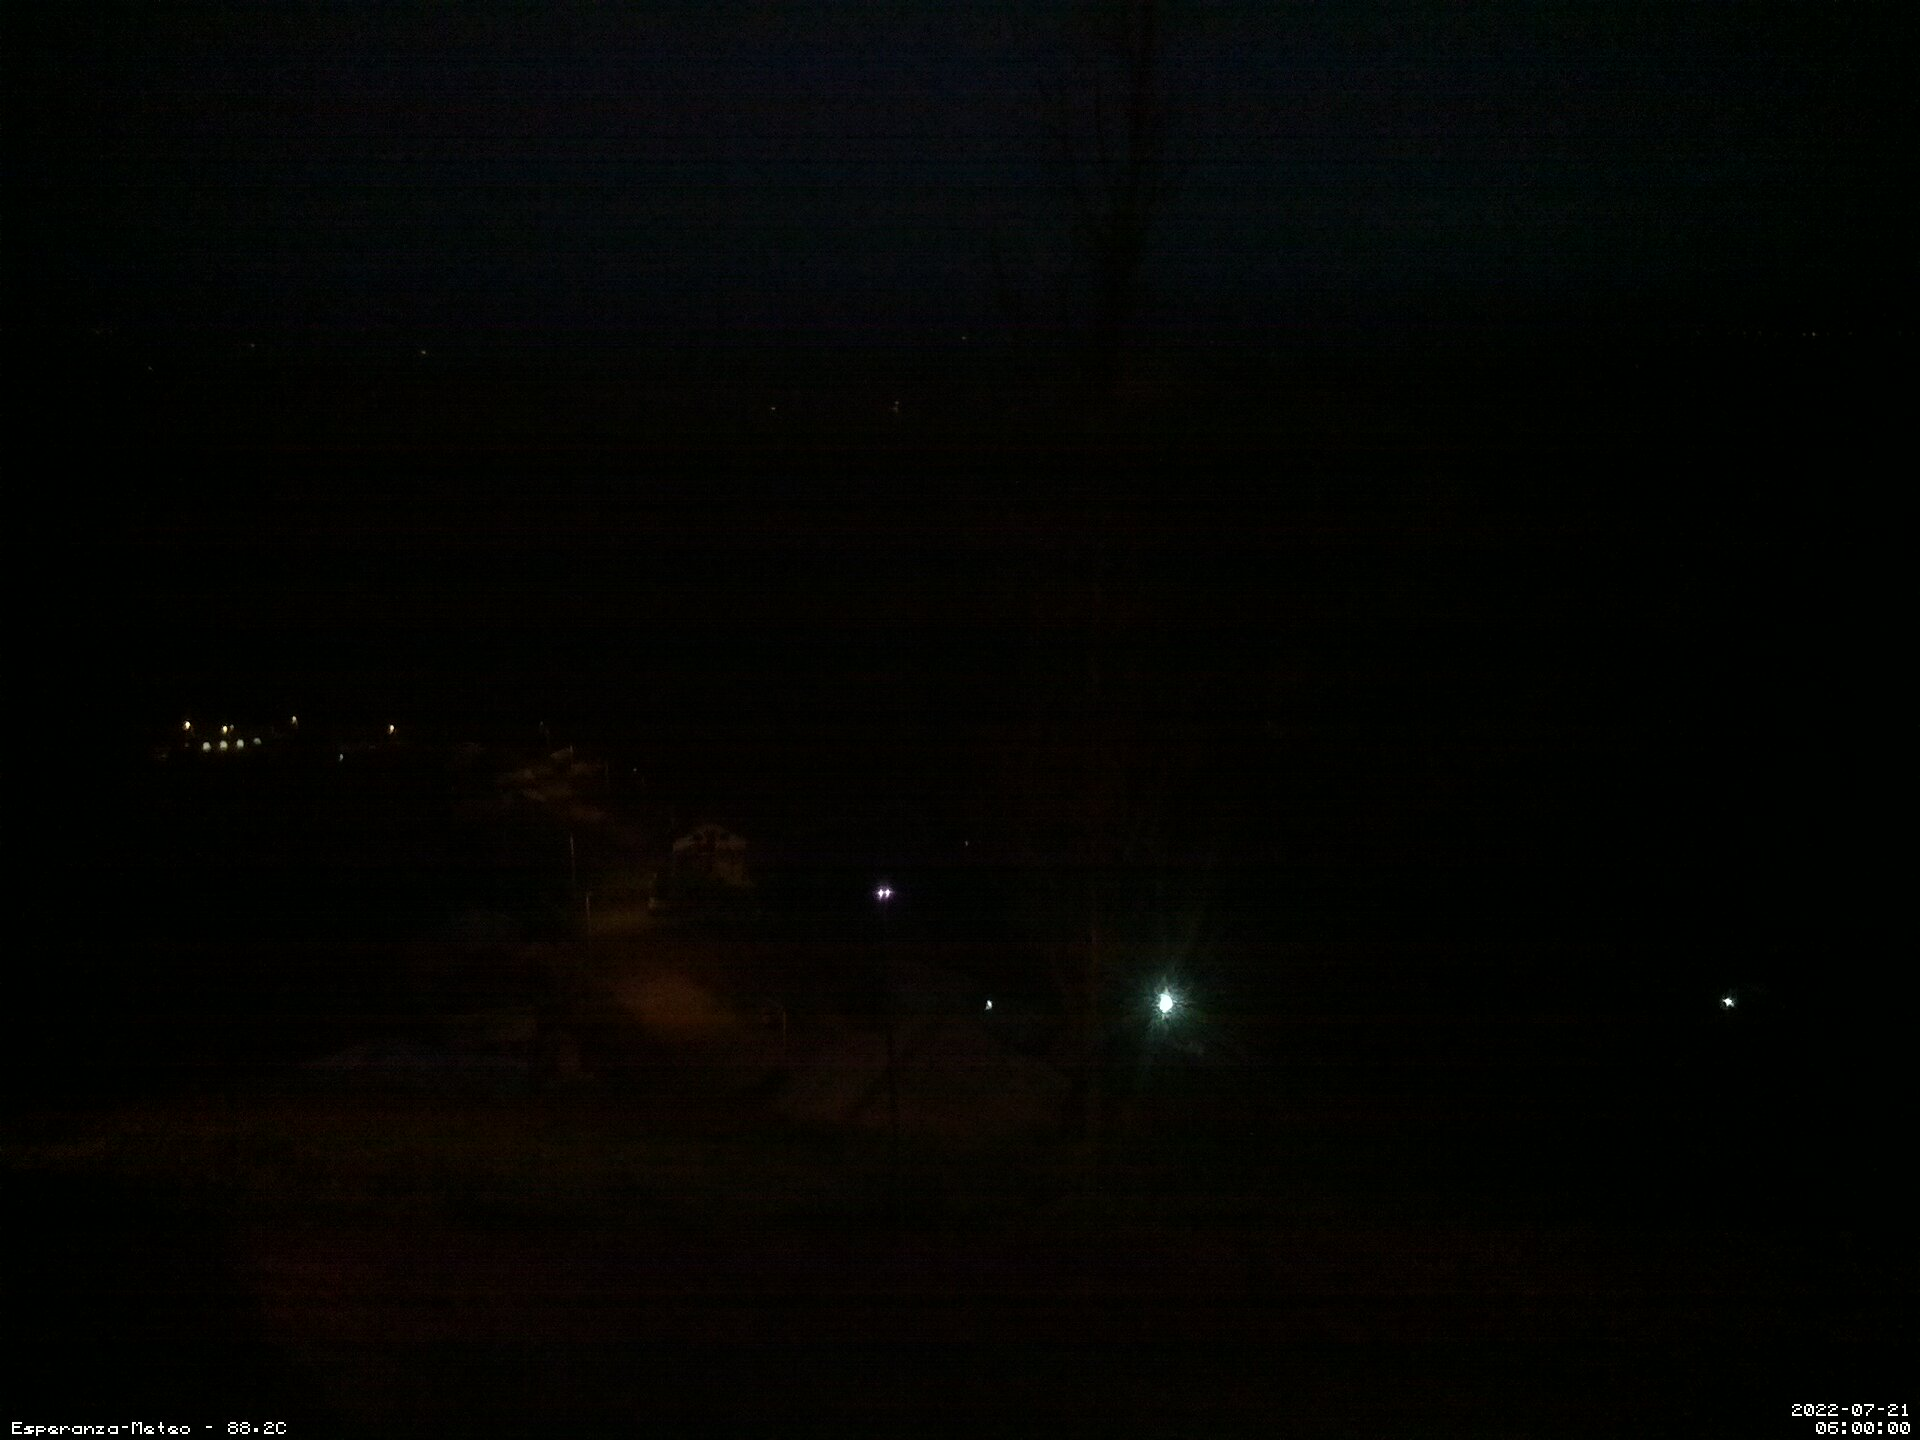 La Esperanza - The Community